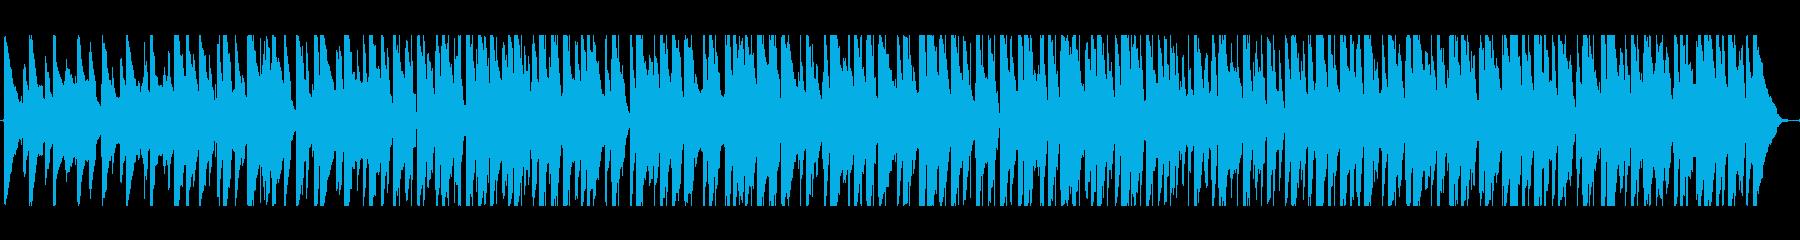 ウクレレ、暖かいアコースティックギ...の再生済みの波形